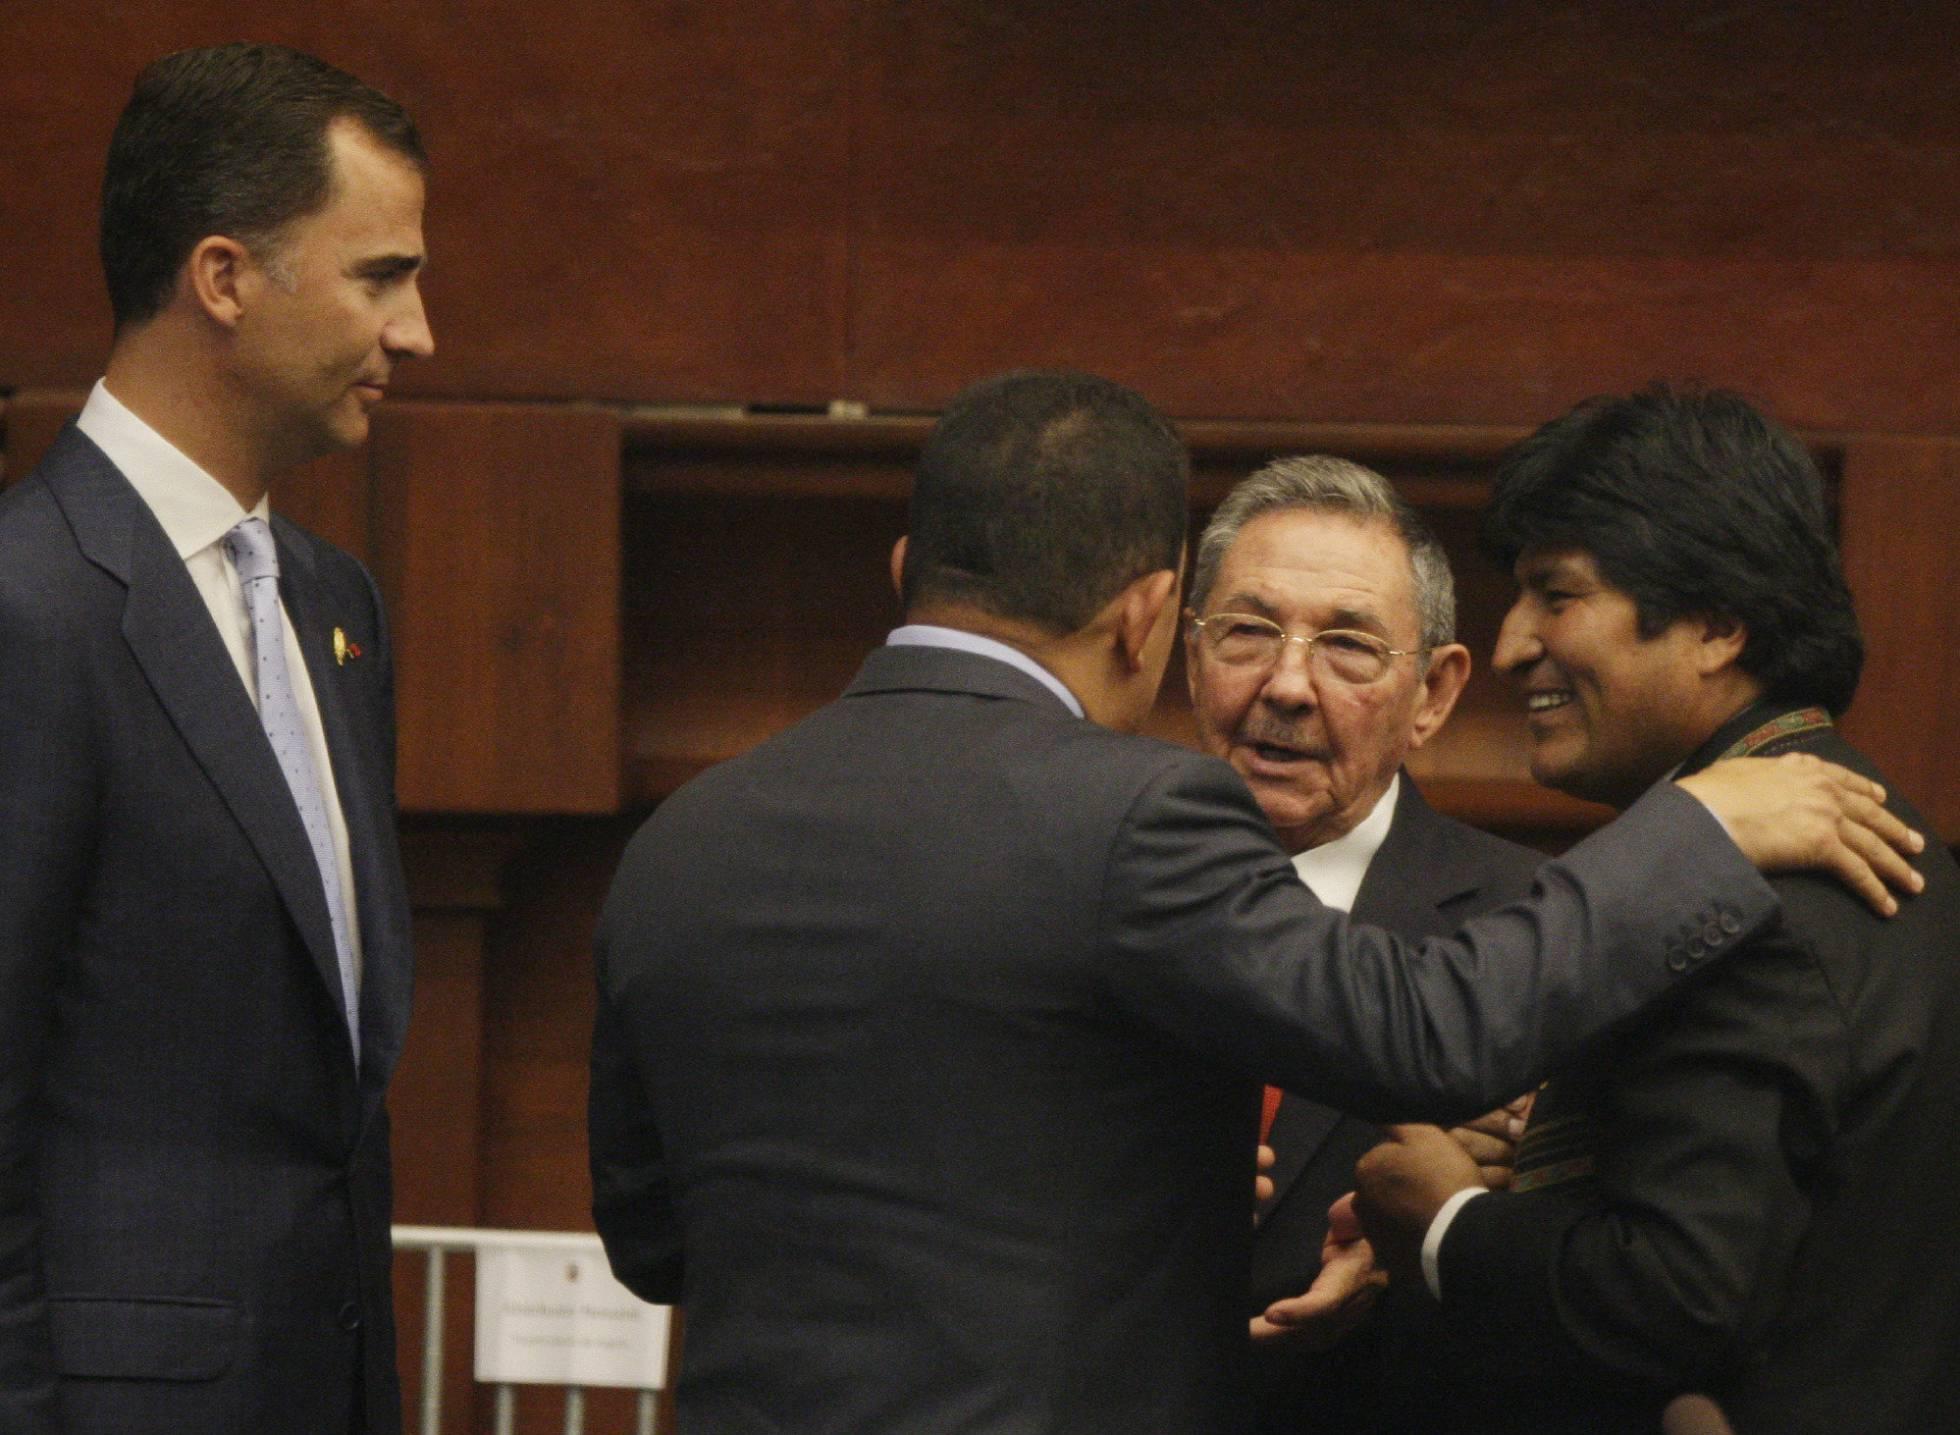 Los tiranos Evo Morales, Raúl Castro y Hugo Chavez se abrazan ante la mirada de Felipe VI en la toma de posesión del presidente ecuatoriano, en 2009